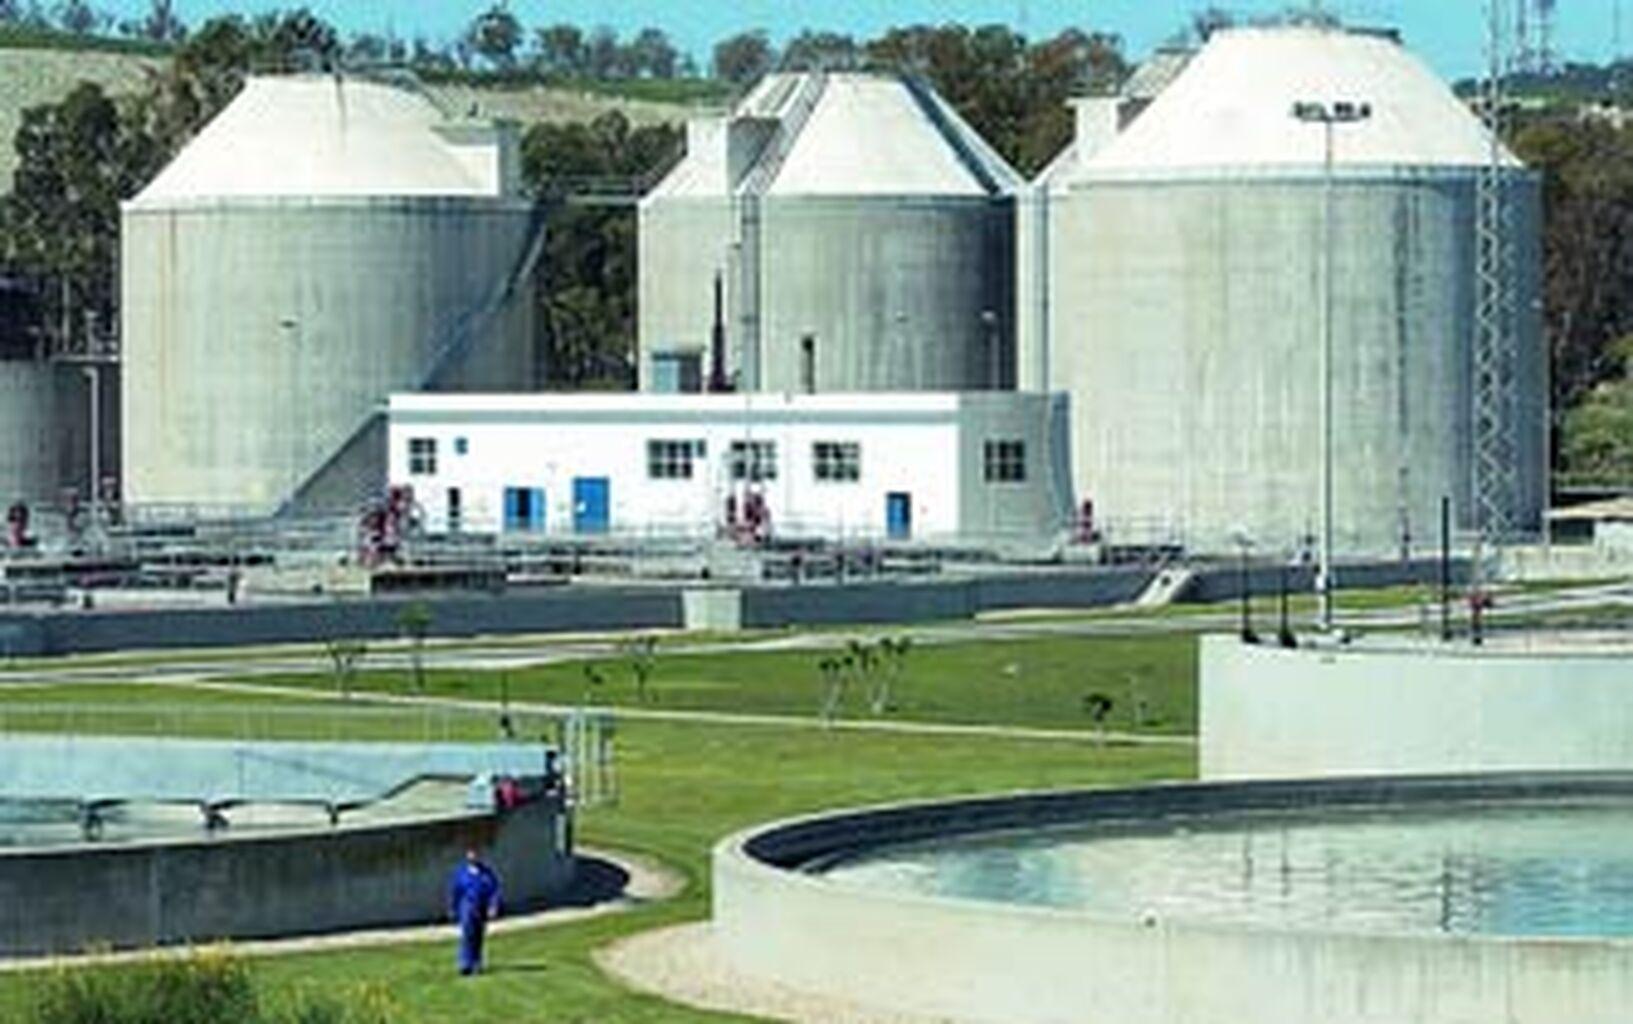 Pelayo reclama a la Junta que se reanuden las obras en la depuradora